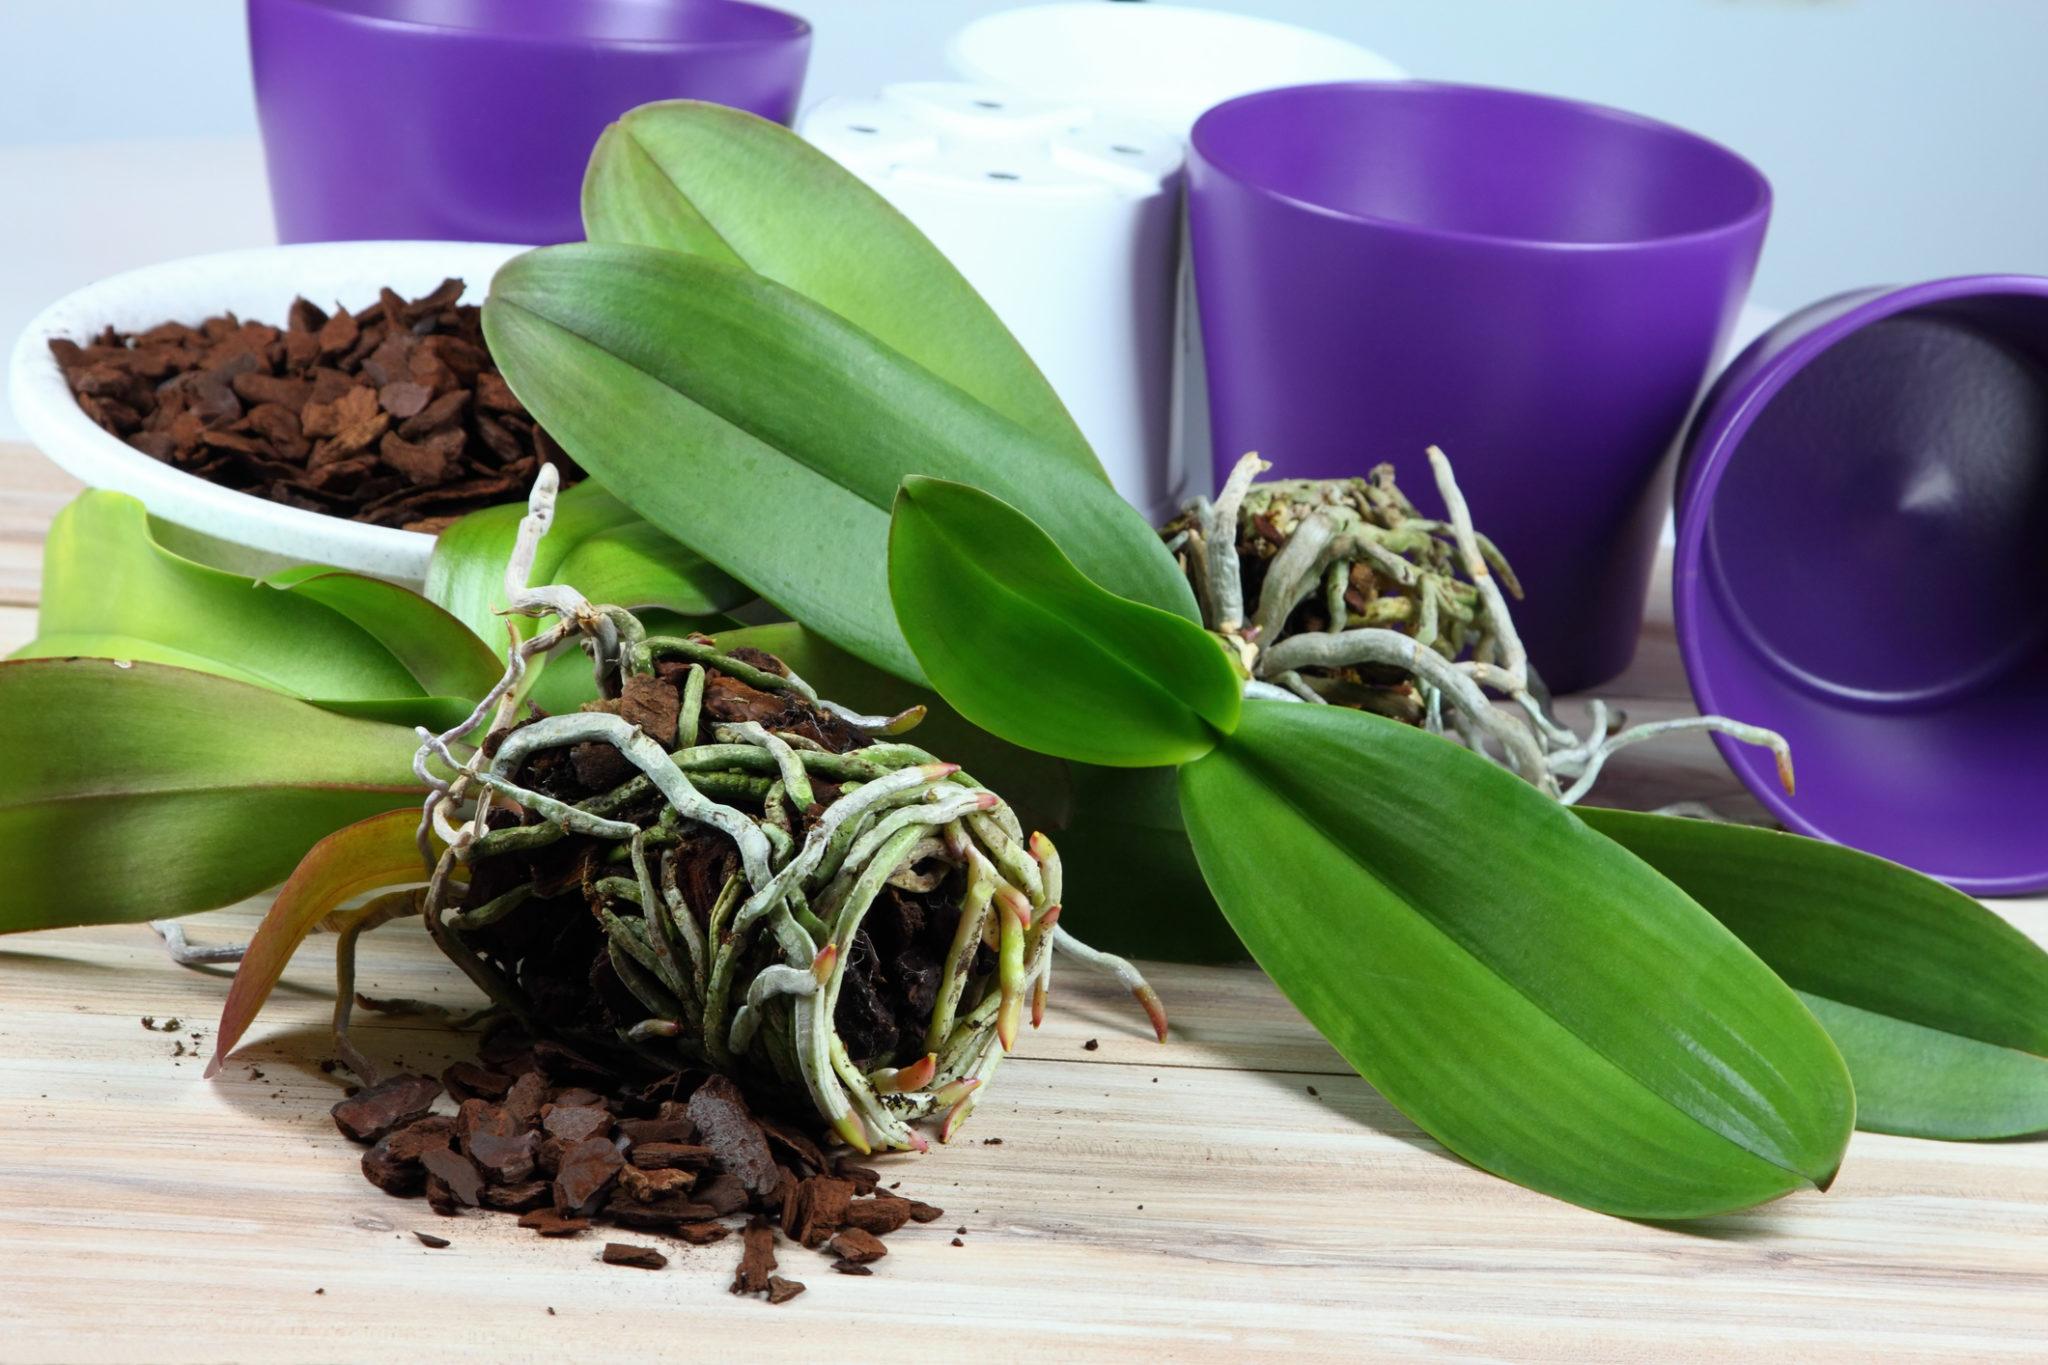 Orchideen umpflanzen ist leicht!